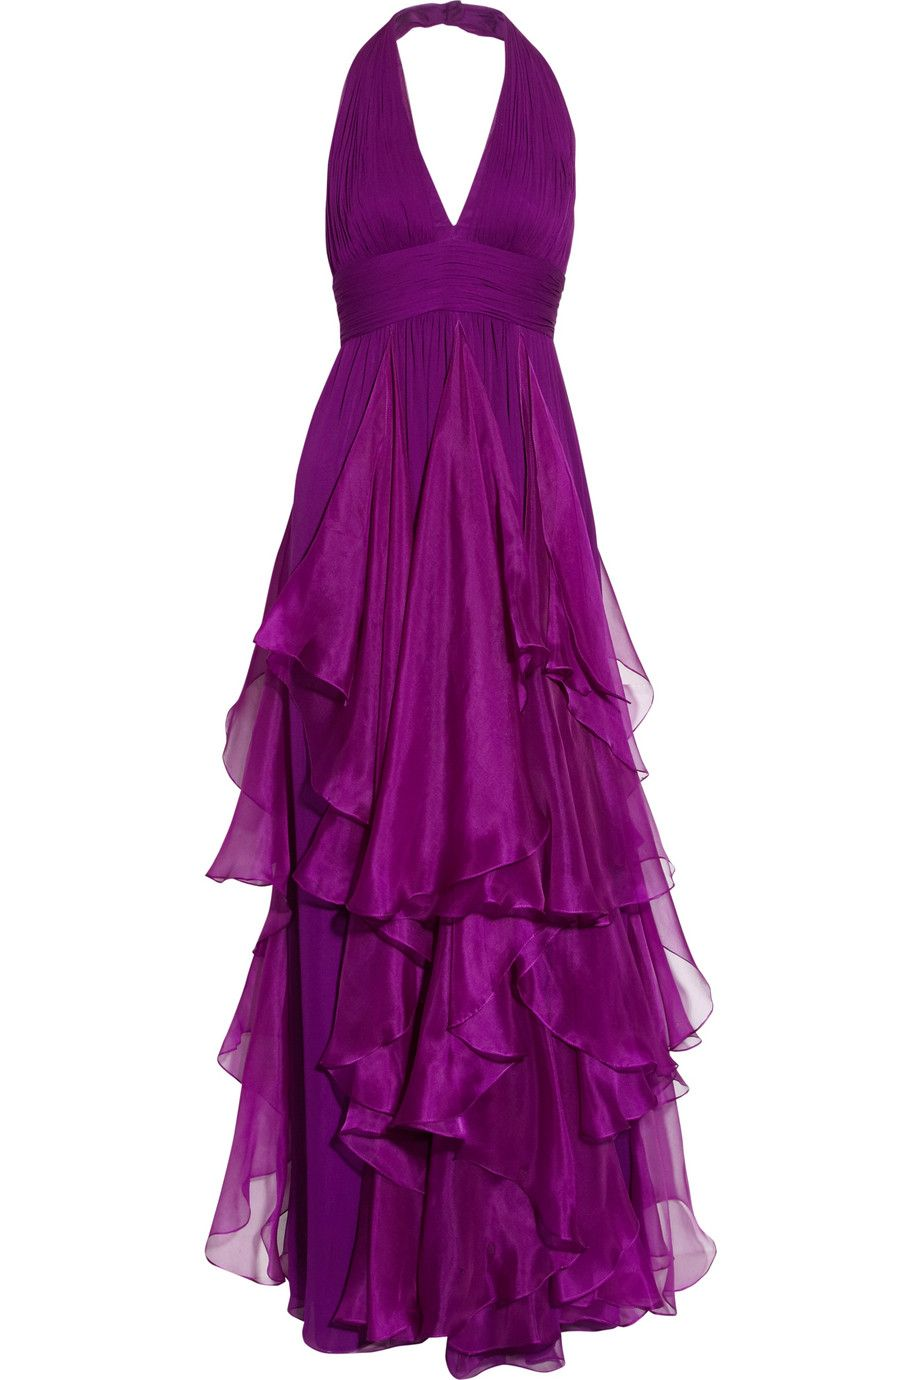 Notte By Marchesa Silkchiffon and Silkorganza Halterneck Gown in Purple | Lyst ; $682